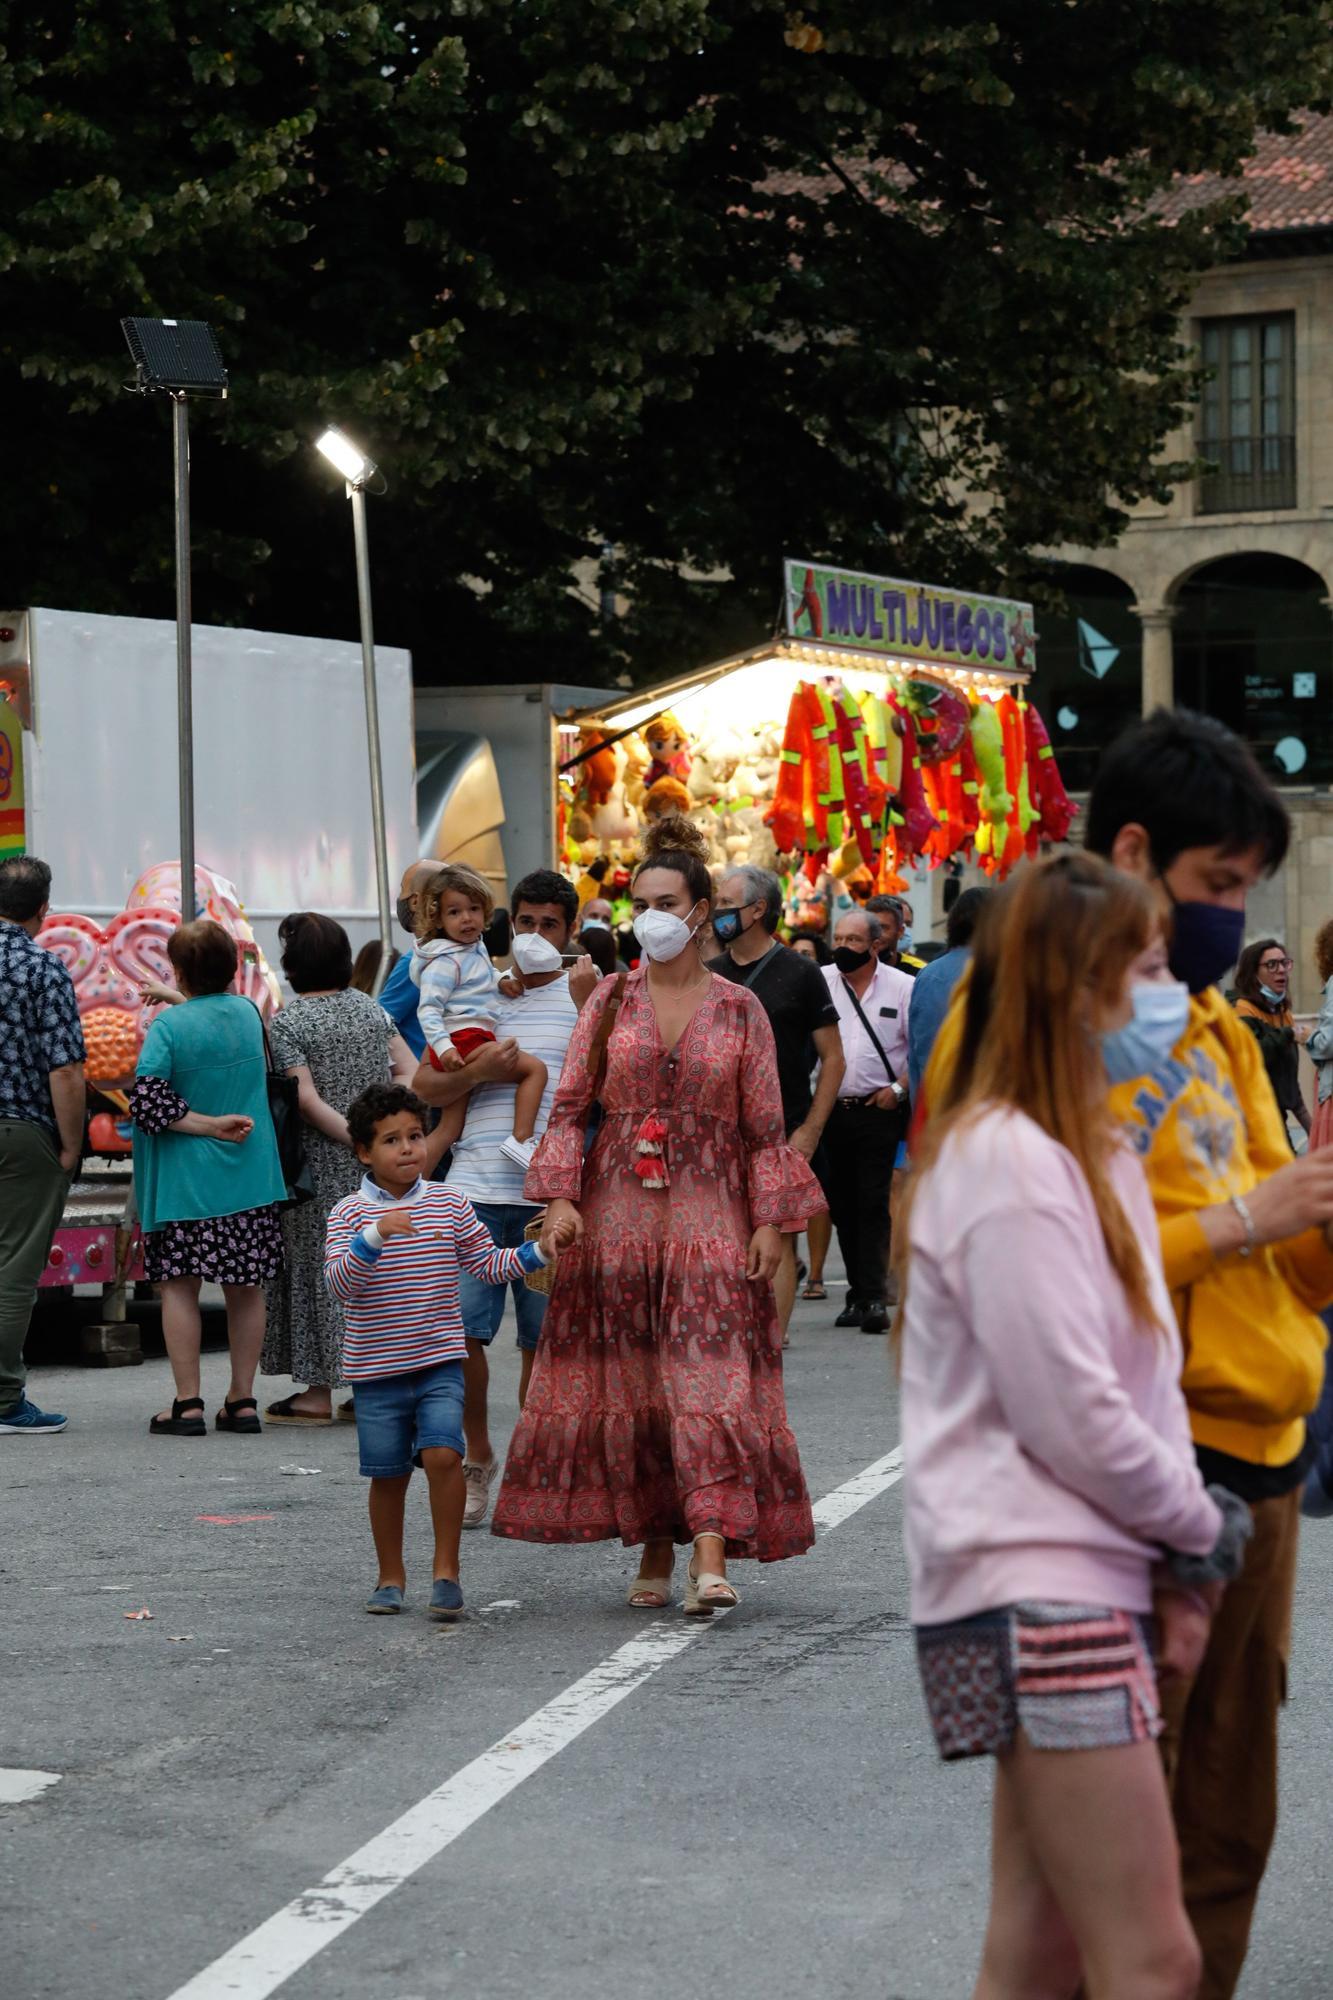 Atracciones feriales de San Agustín en Avilés